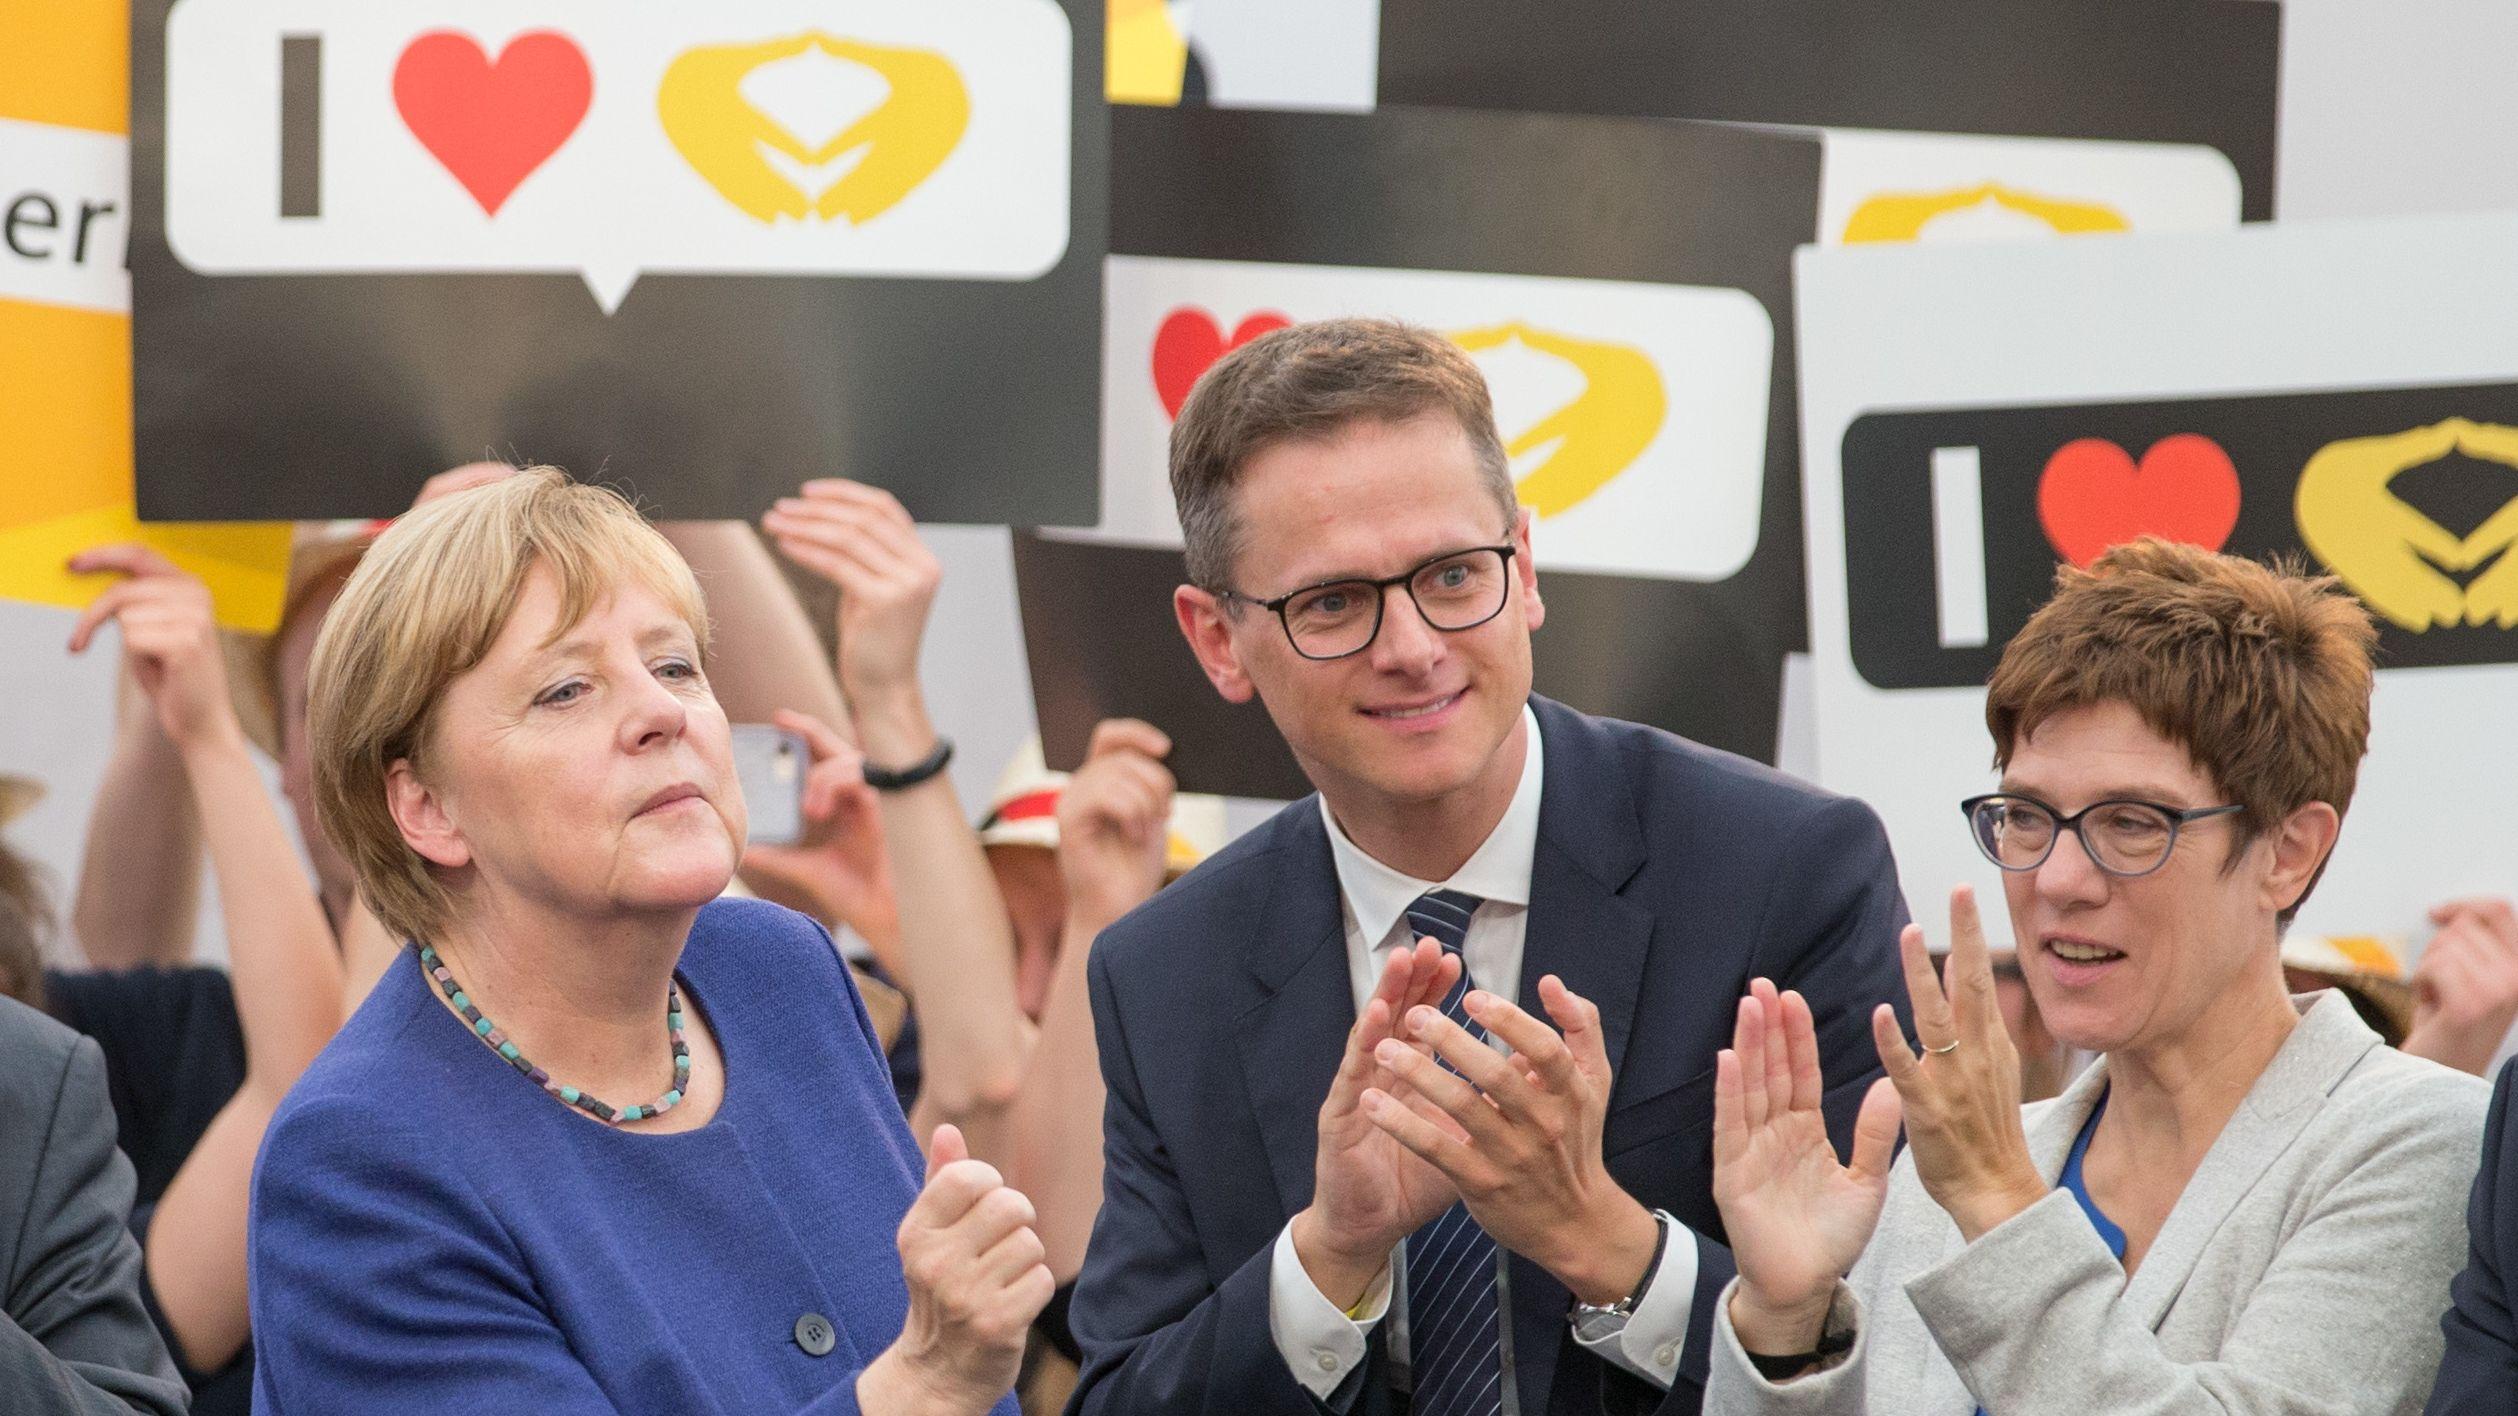 Angela Merkel, Carsten Linnemann und Annegret Kramp-Karrenbauer (v.l.) 2017 bei einer Wahlkampfveranstaltung in NRW.